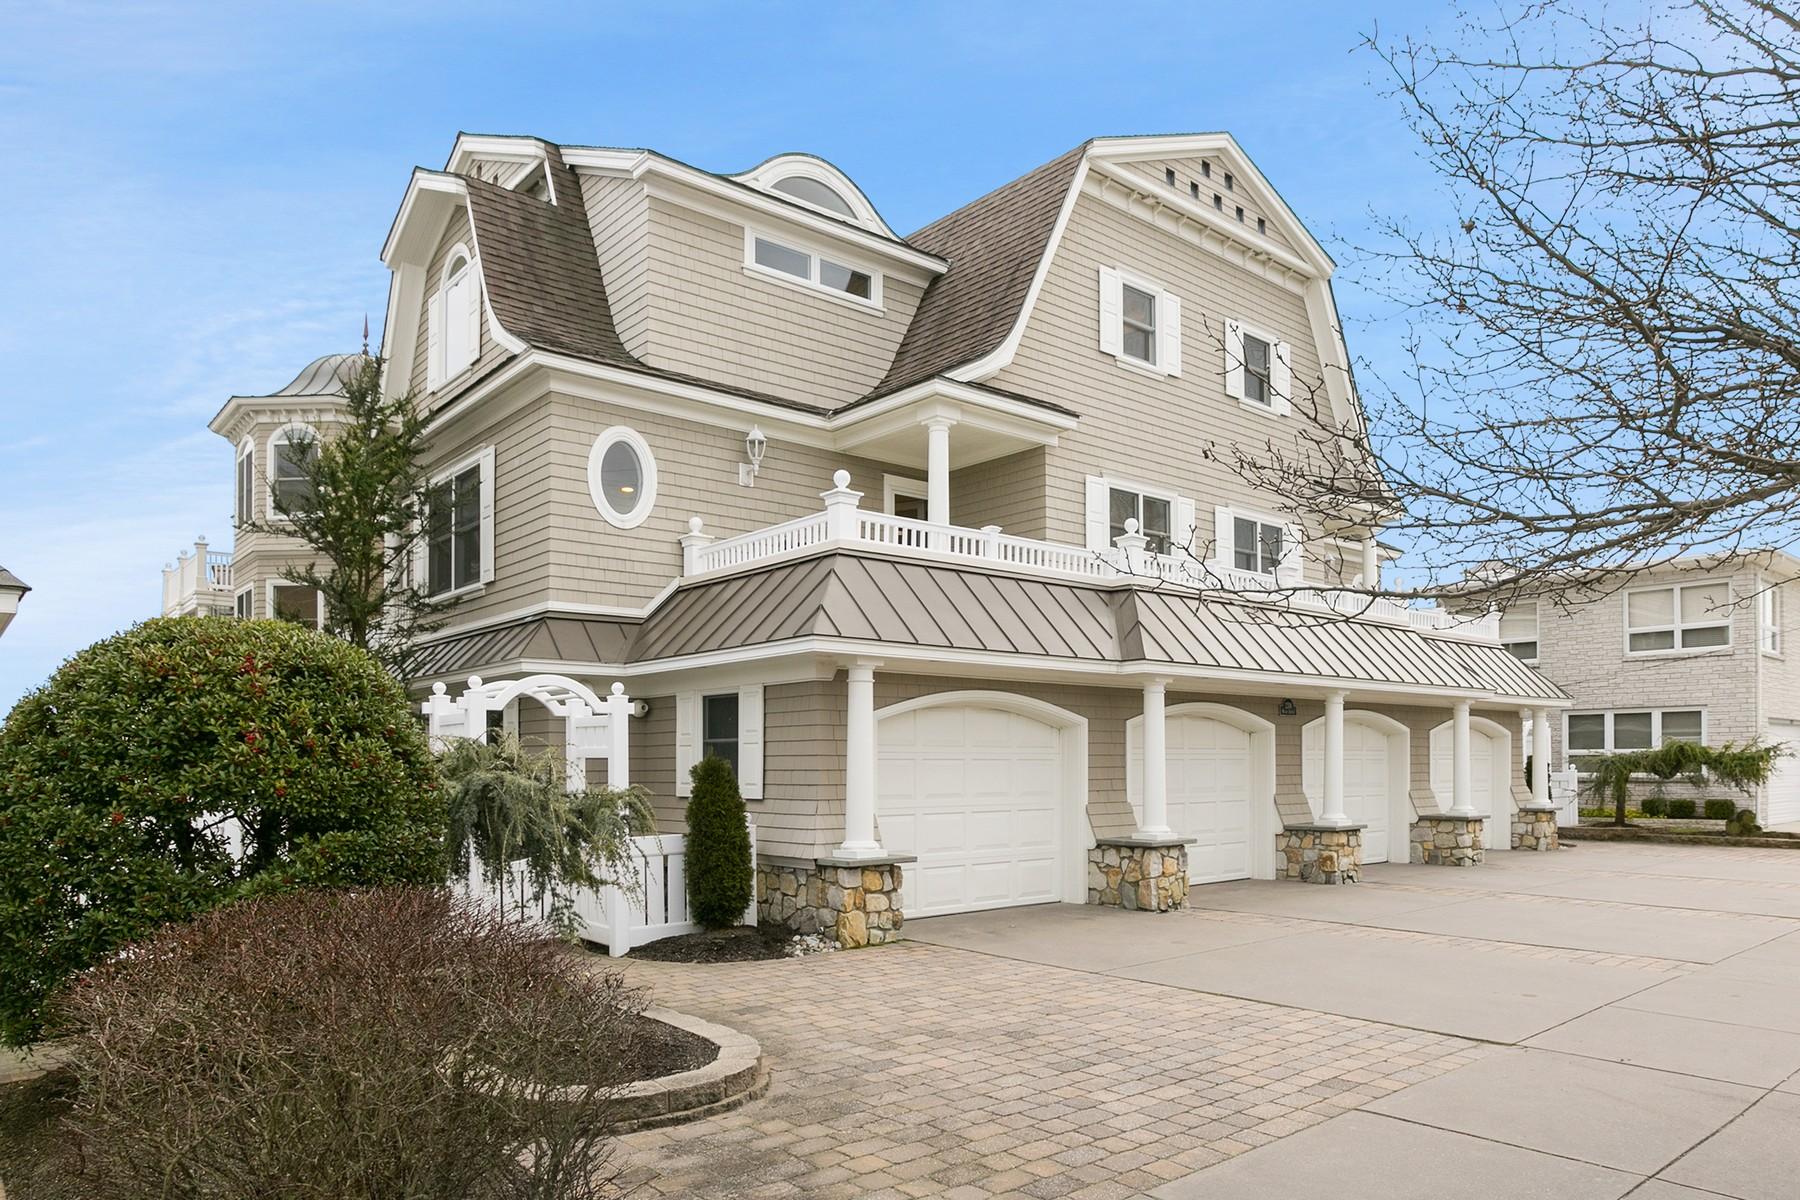 共管式独立产权公寓 为 销售 在 Beachfront Town Home 2319 Wesley Avenue North Ocean City, 新泽西州 08226 美国